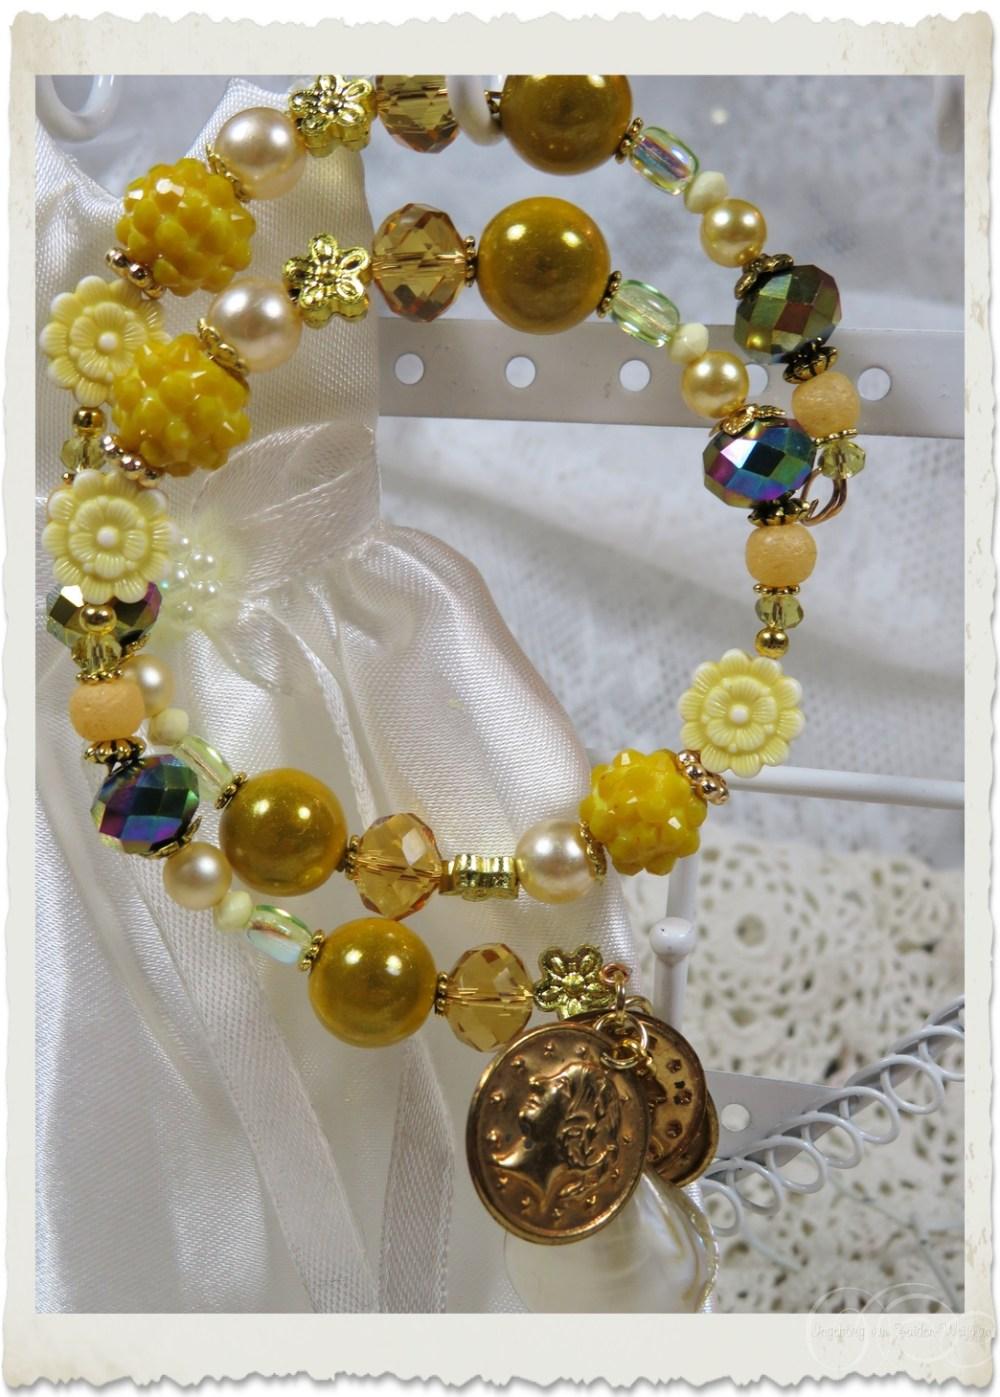 Handmade memory wire bracelet with golden coins by Ingeborg van Zuiden